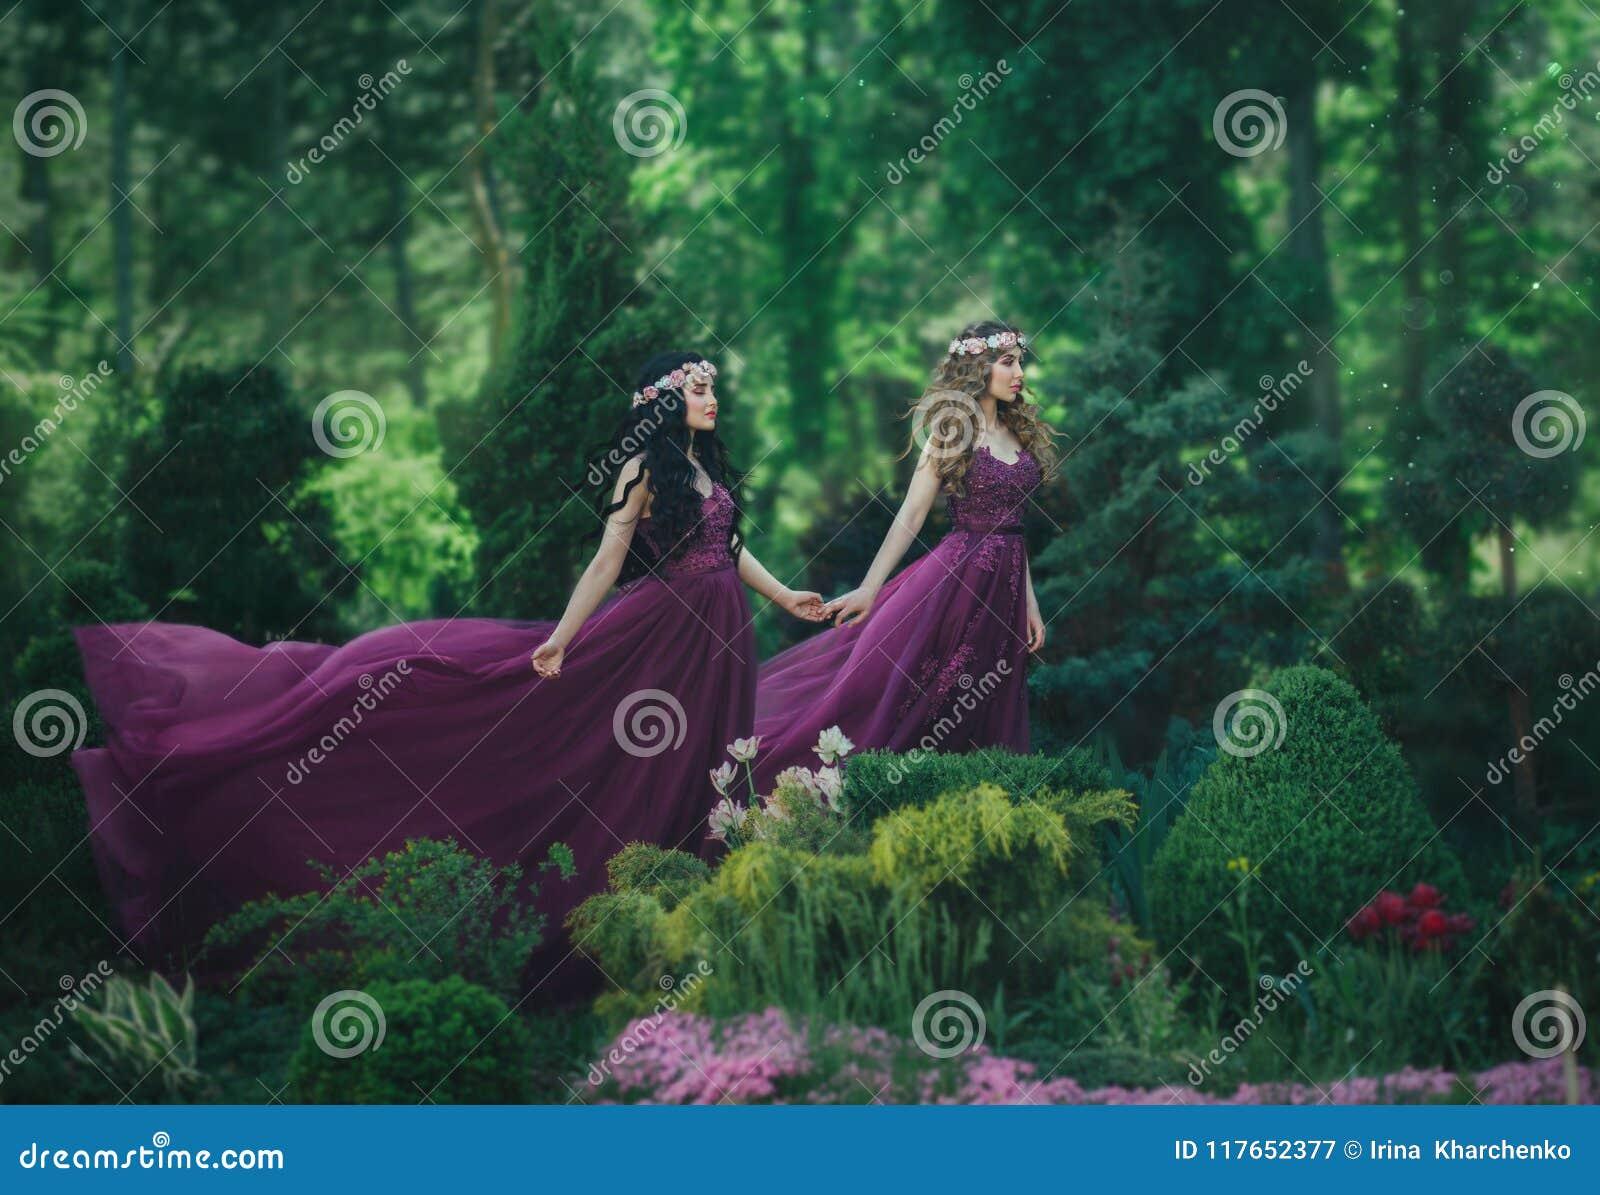 Δύο φίλες, ένας ξανθός και ένα brunette, κρατούν τα χέρια Ανθίζοντας κήπος υποβάθρου Οι πριγκήπισσες είναι ντυμένες στο πολυτελές